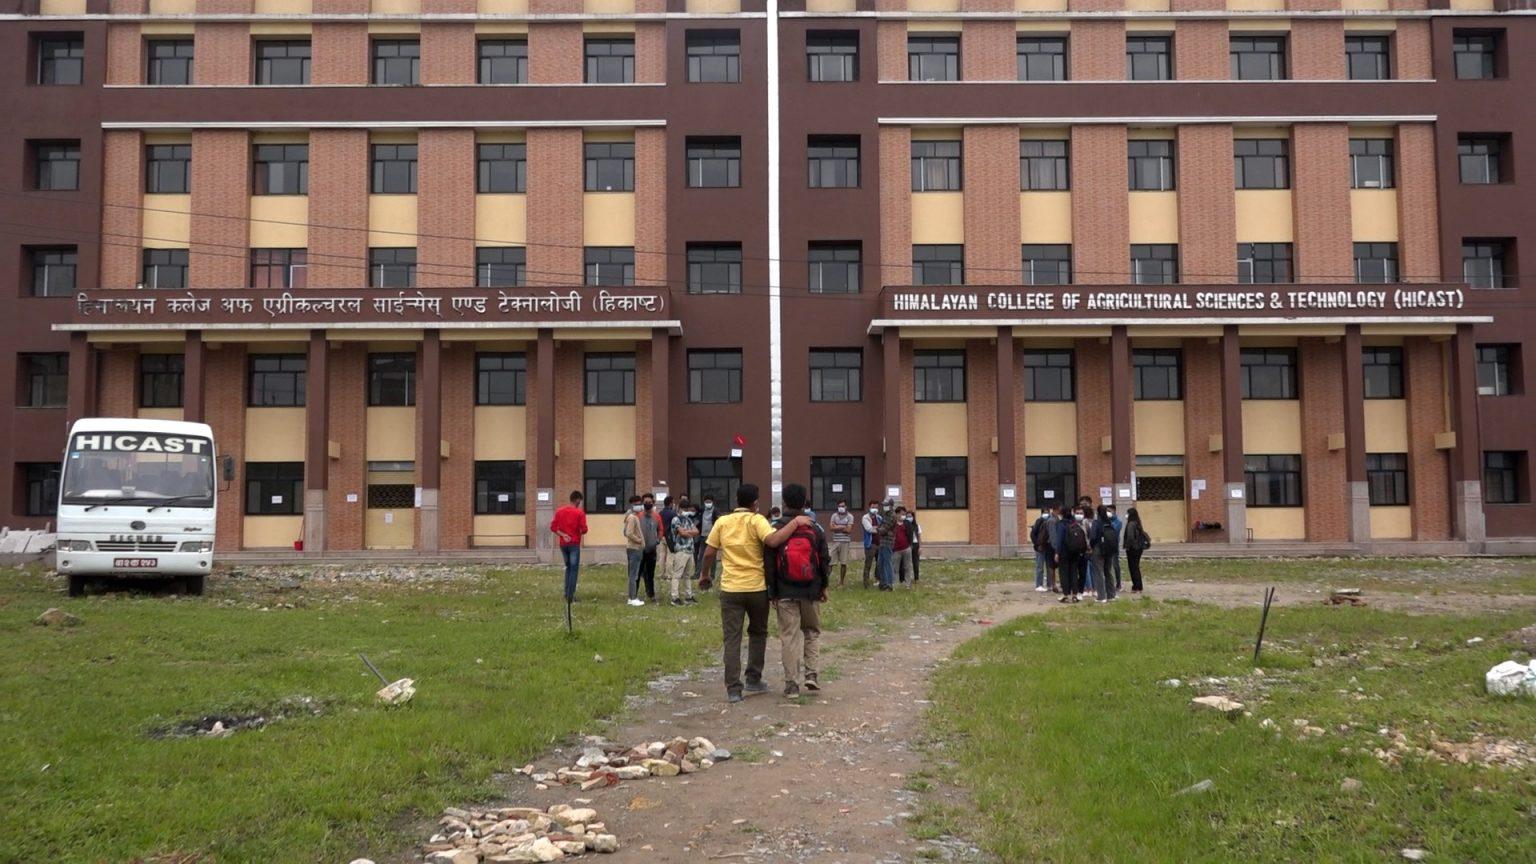 HICAST कलेज र पूर्वाञ्चल विश्वविद्यालयको चरम मनोमानी, विद्यार्थीमाथी यस्तो खेलवाड